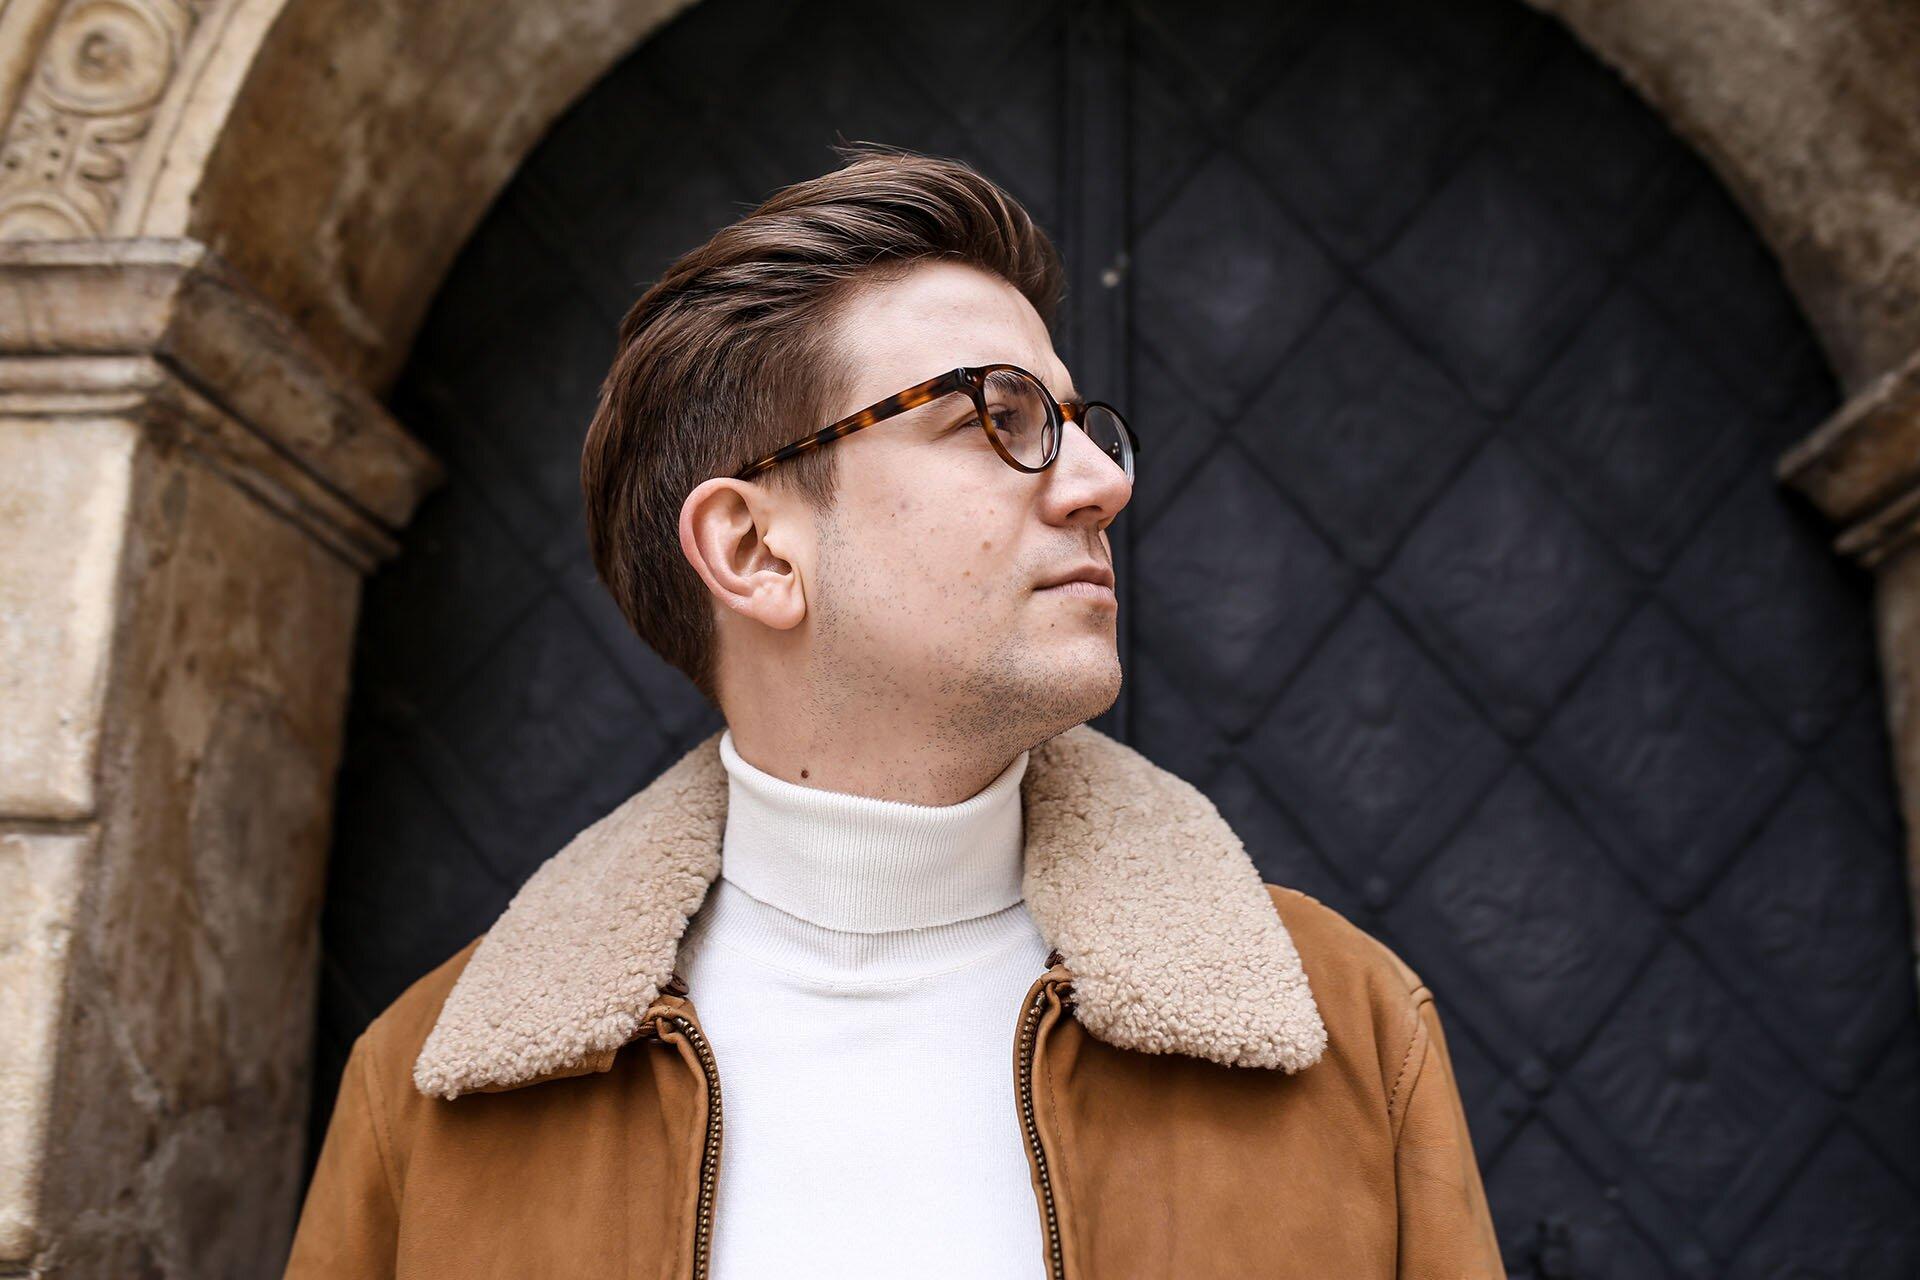 Mężczyzna w okularach, Moda męska, Blog o modzie męskiej, Przystojny bloger modowy, Bloger modowy, Najlepszy blog modowy, Gmale by Grzegorz Paliś